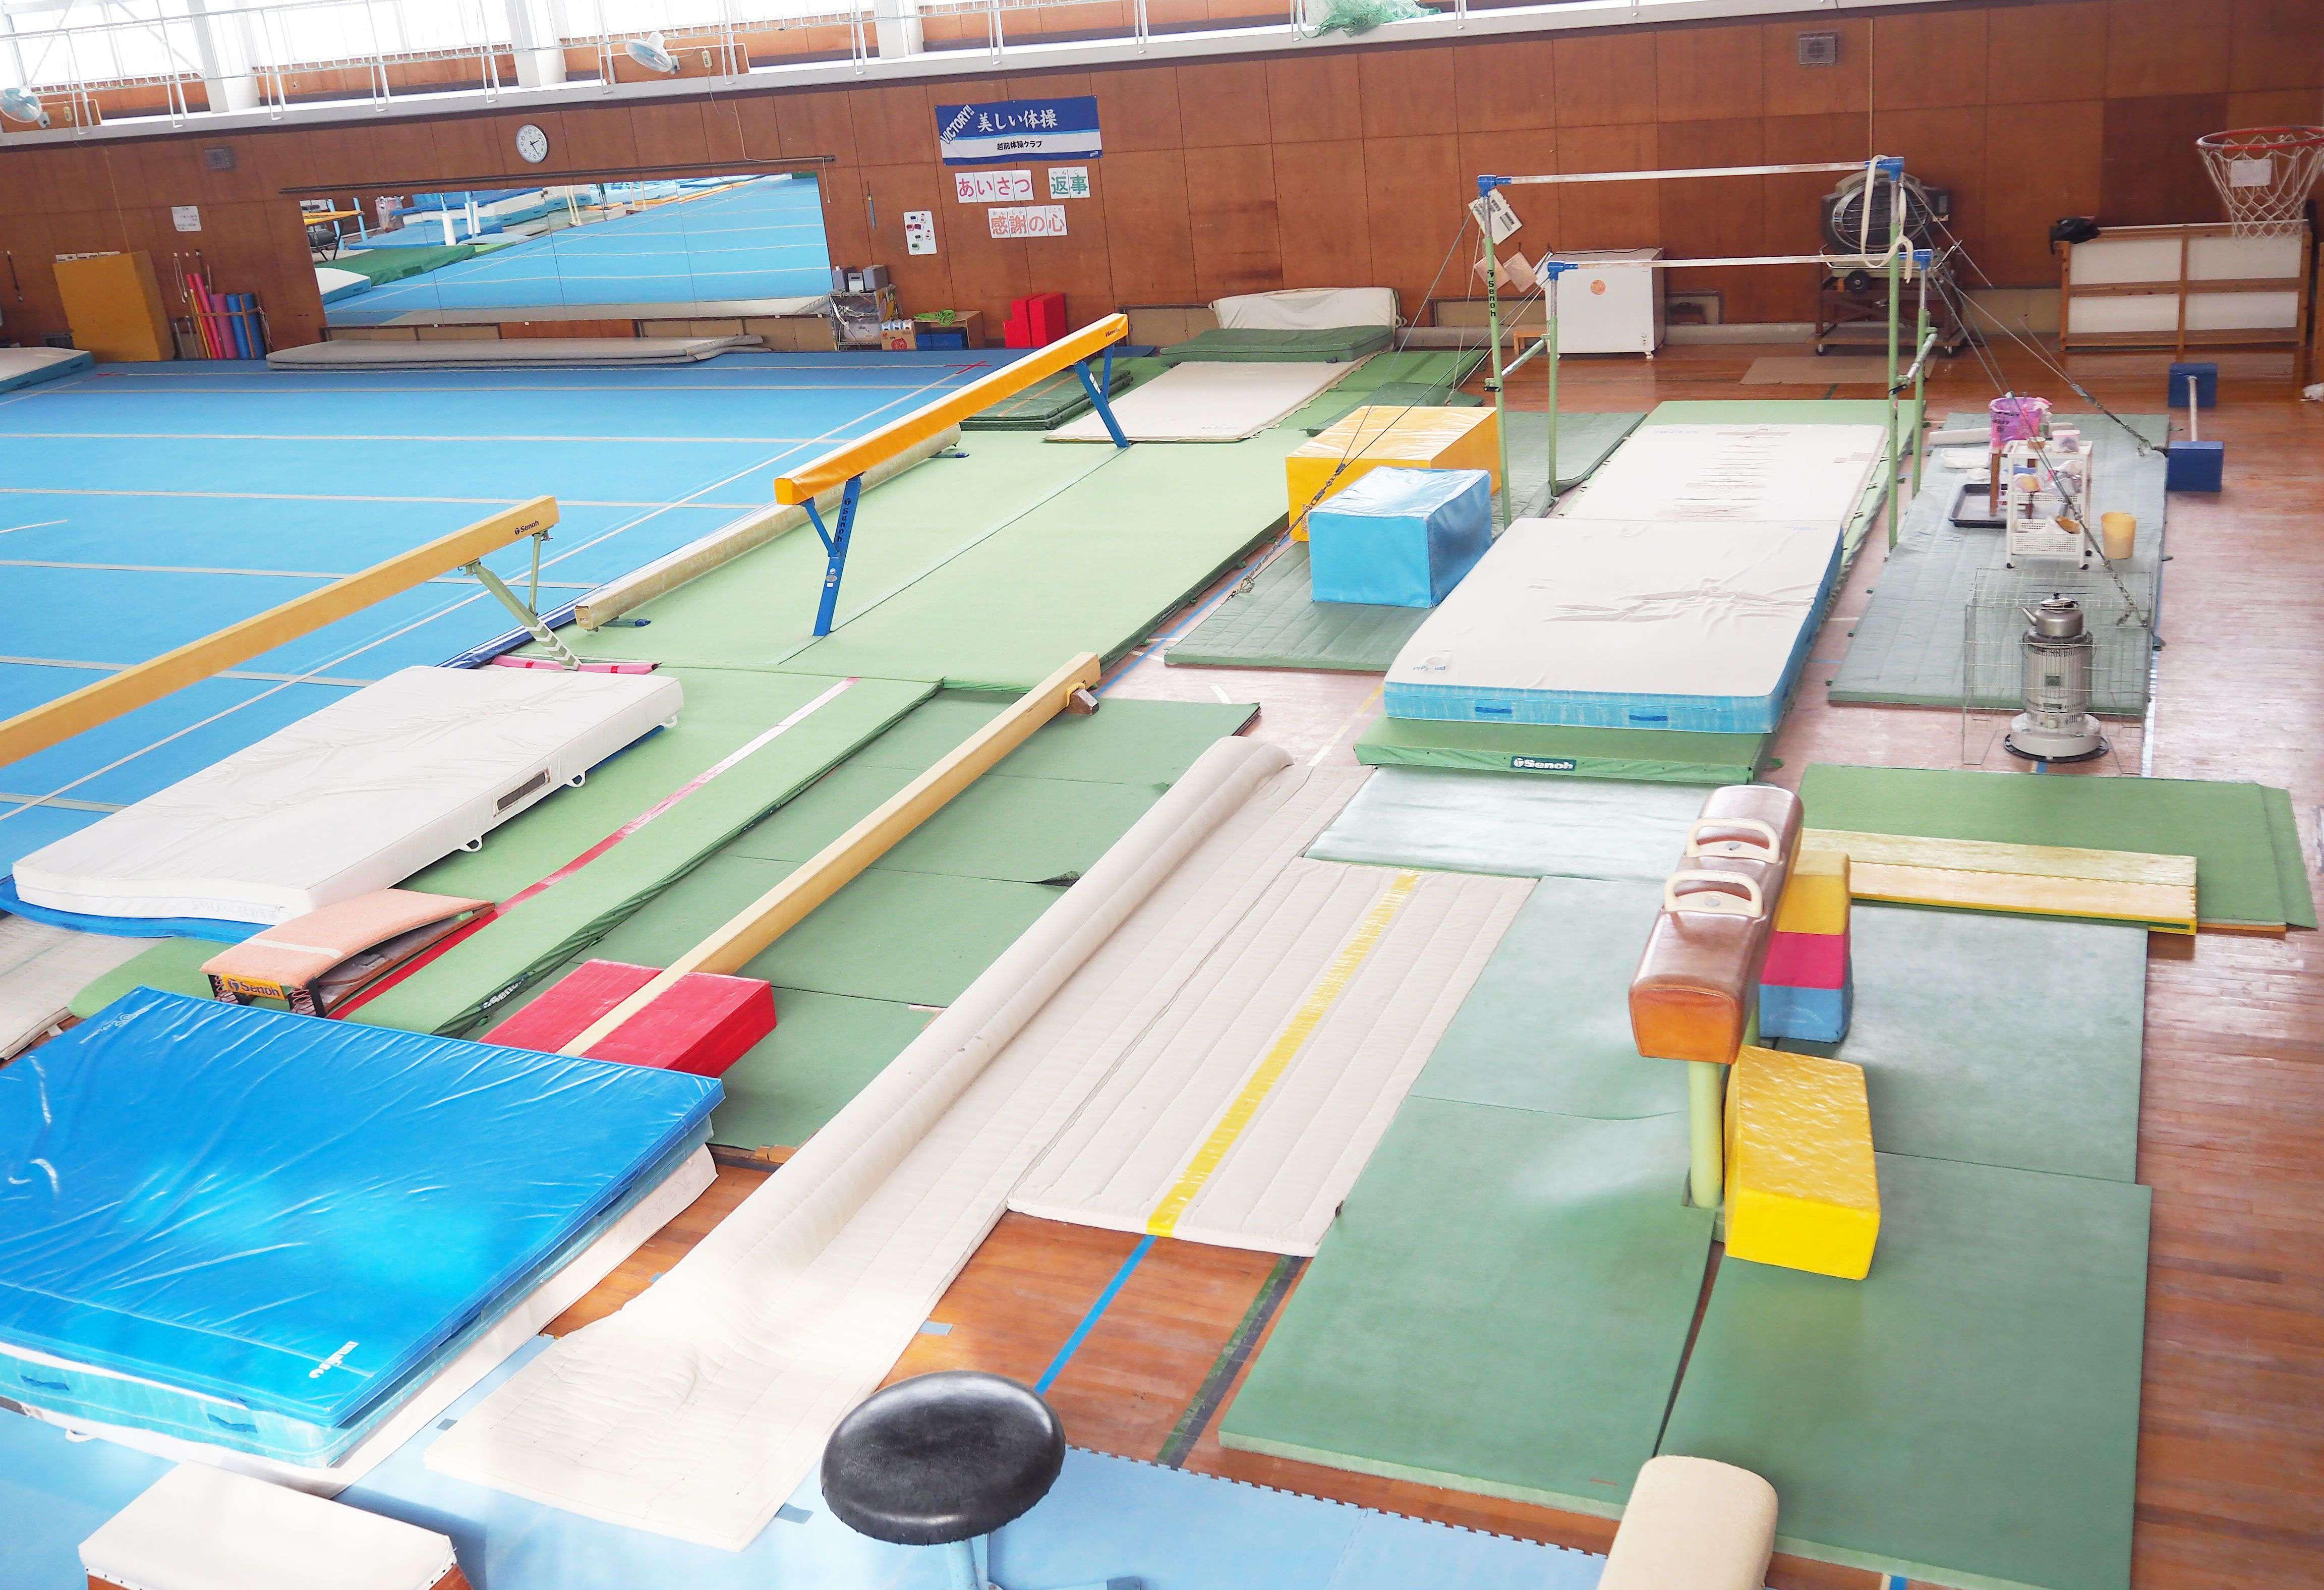 越前体操クラブ施設(旧・武生体操クラブ)